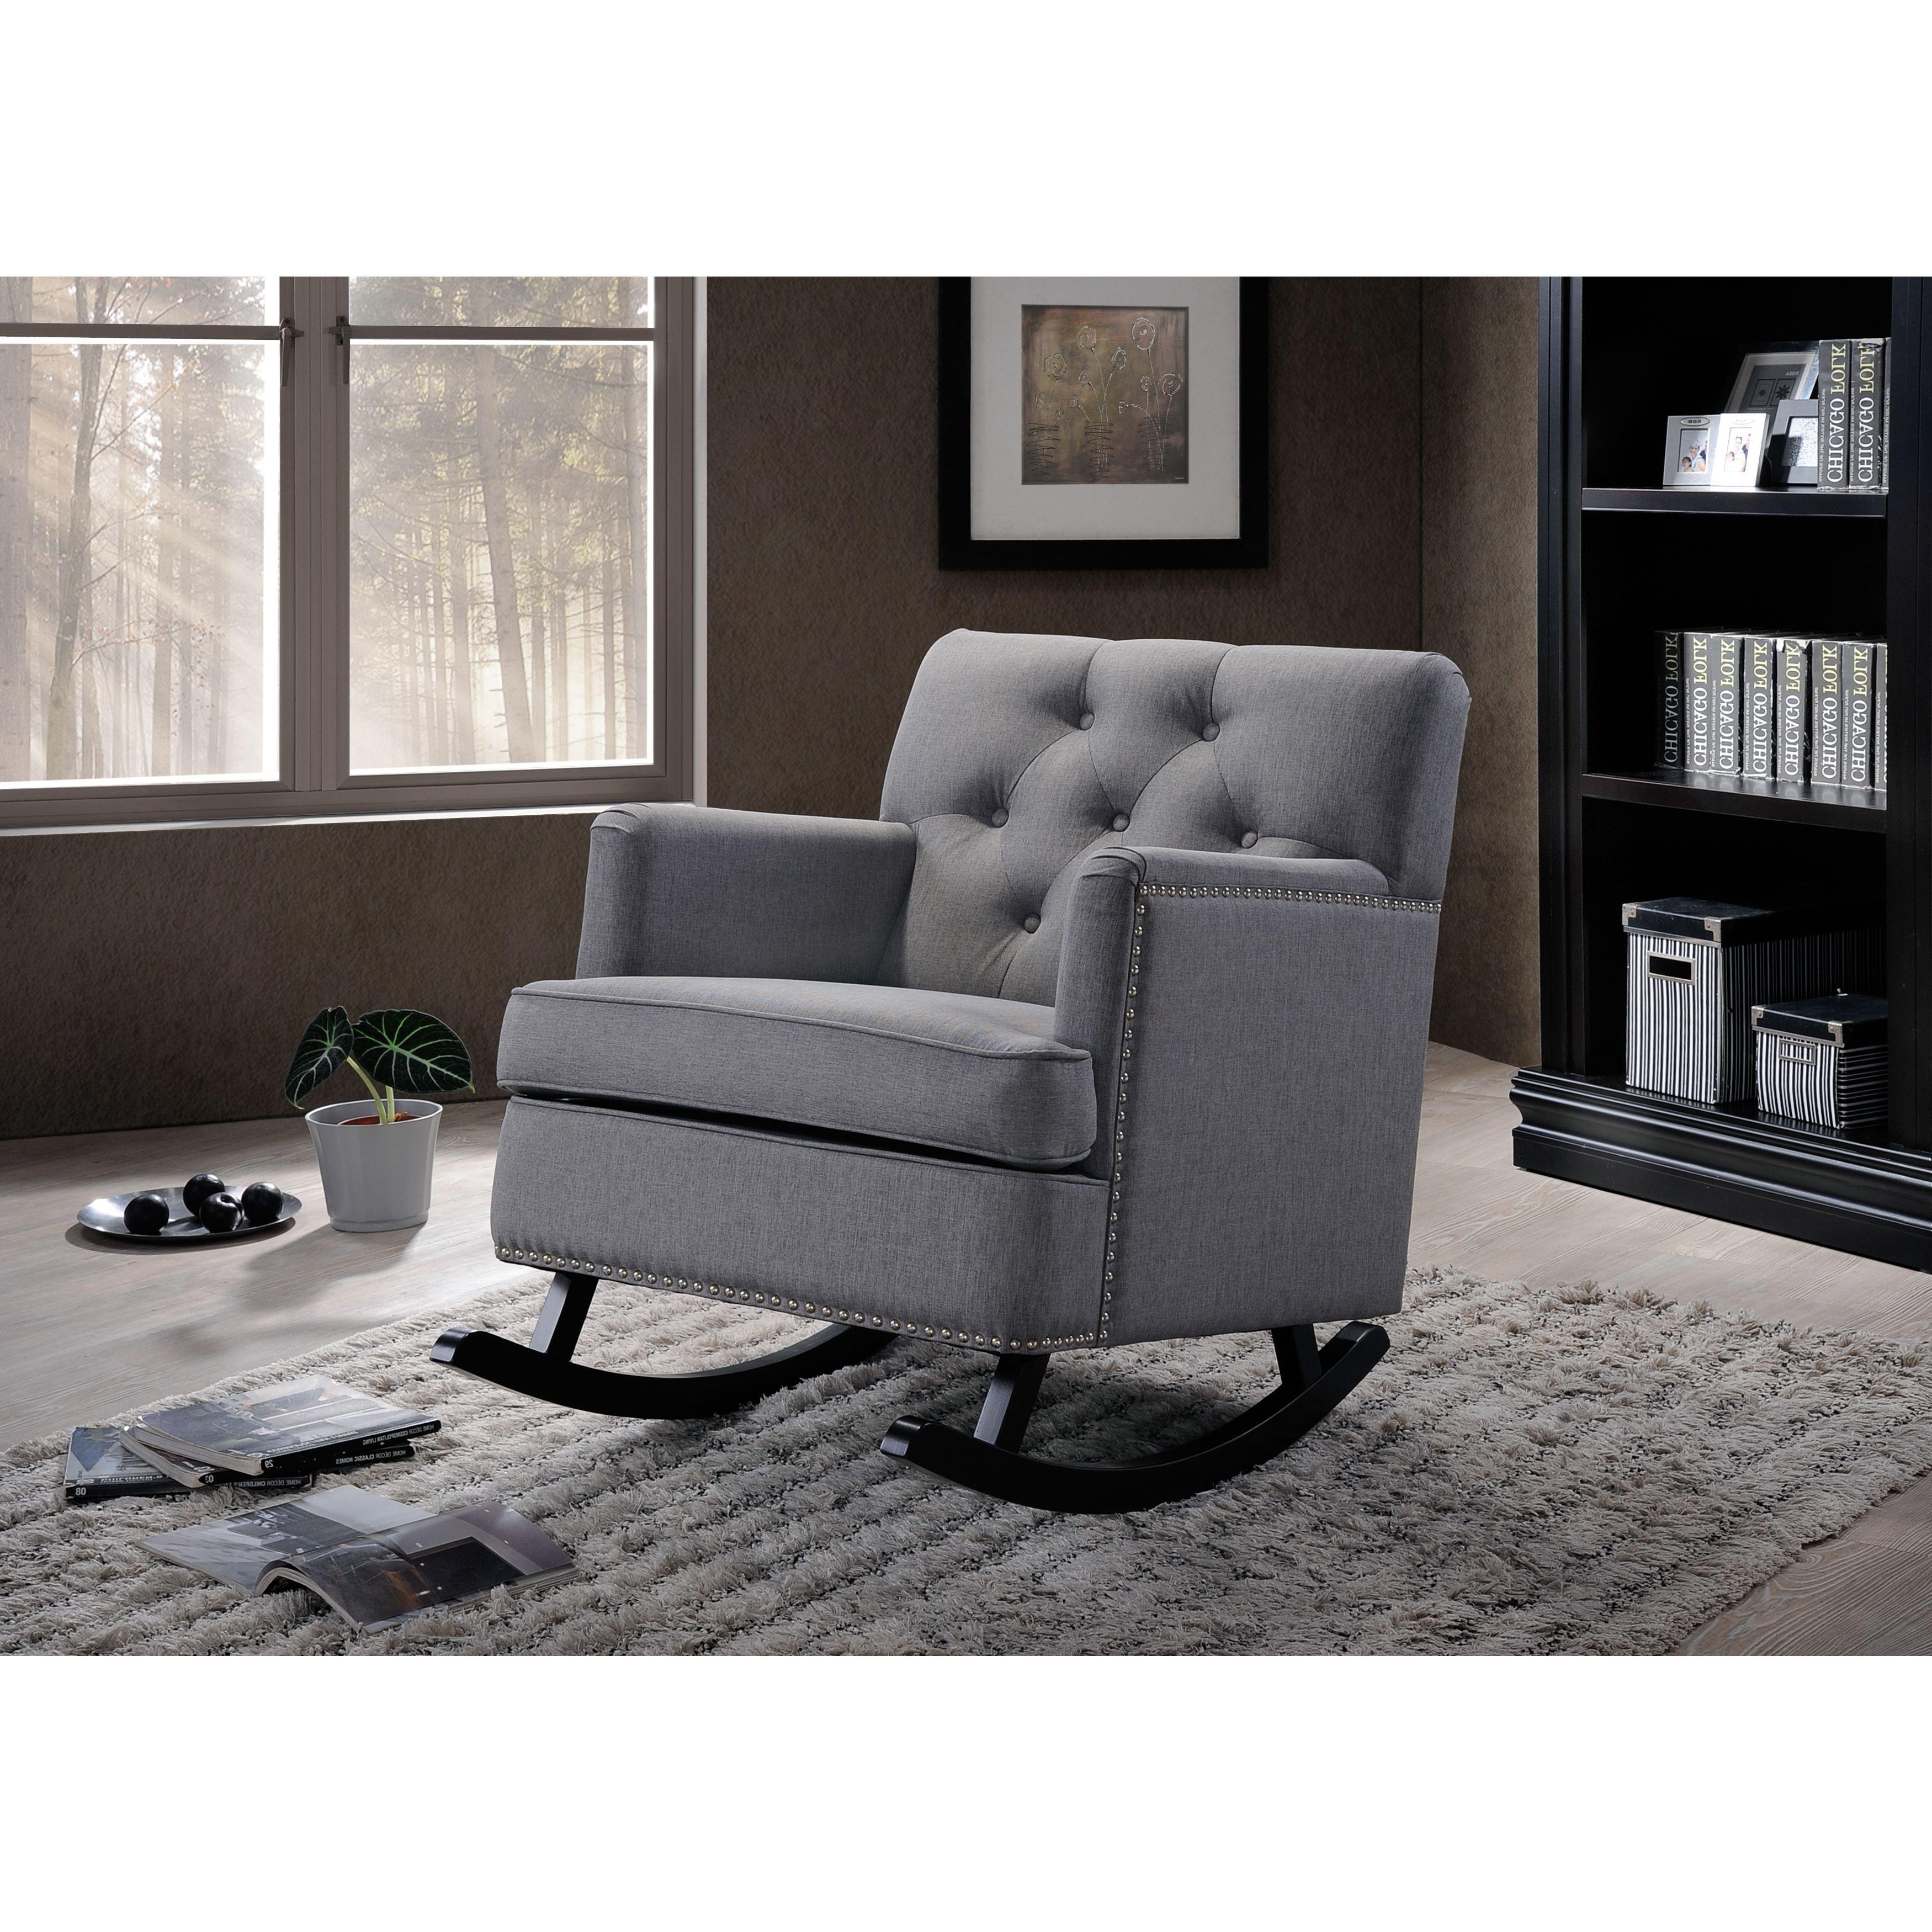 living room upholstered roc best site wiring harness. Black Bedroom Furniture Sets. Home Design Ideas